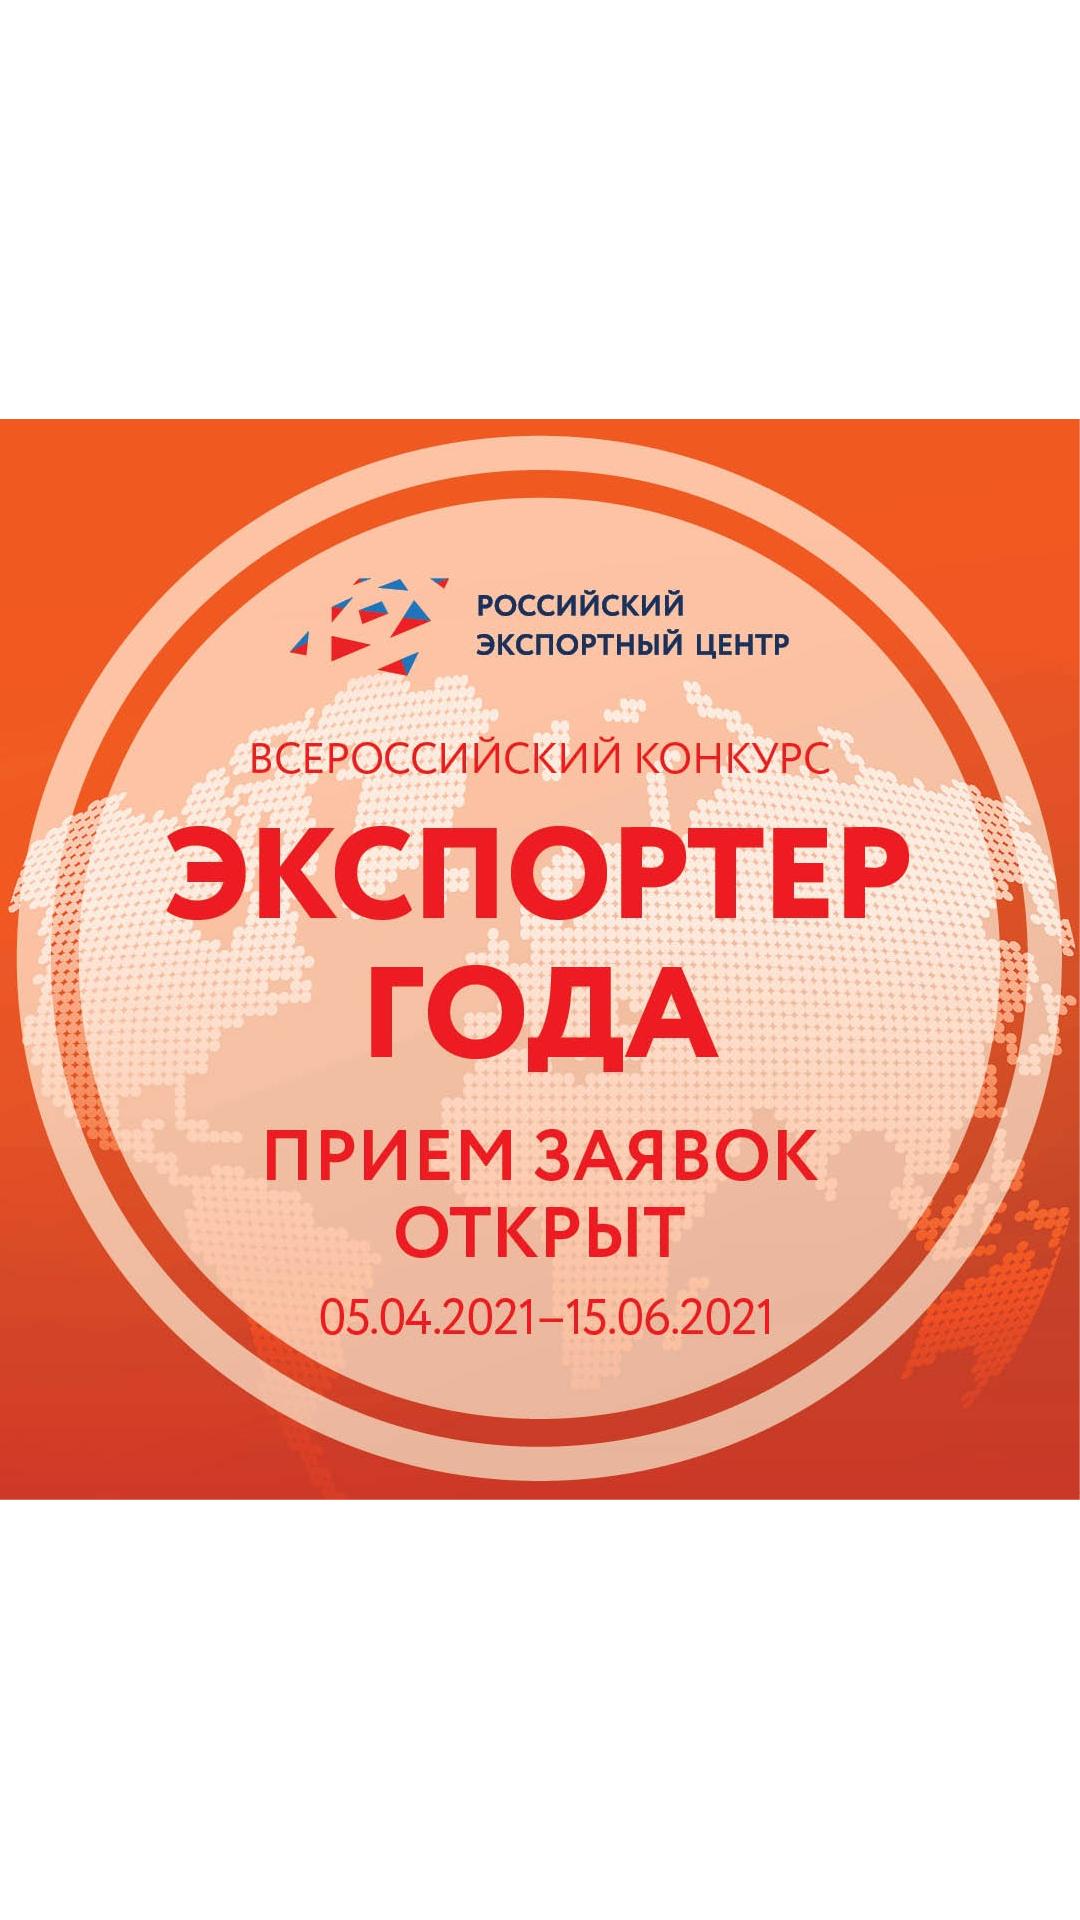 Стартовал приём заявок на Всероссийский конкурс «Экспортёр года»